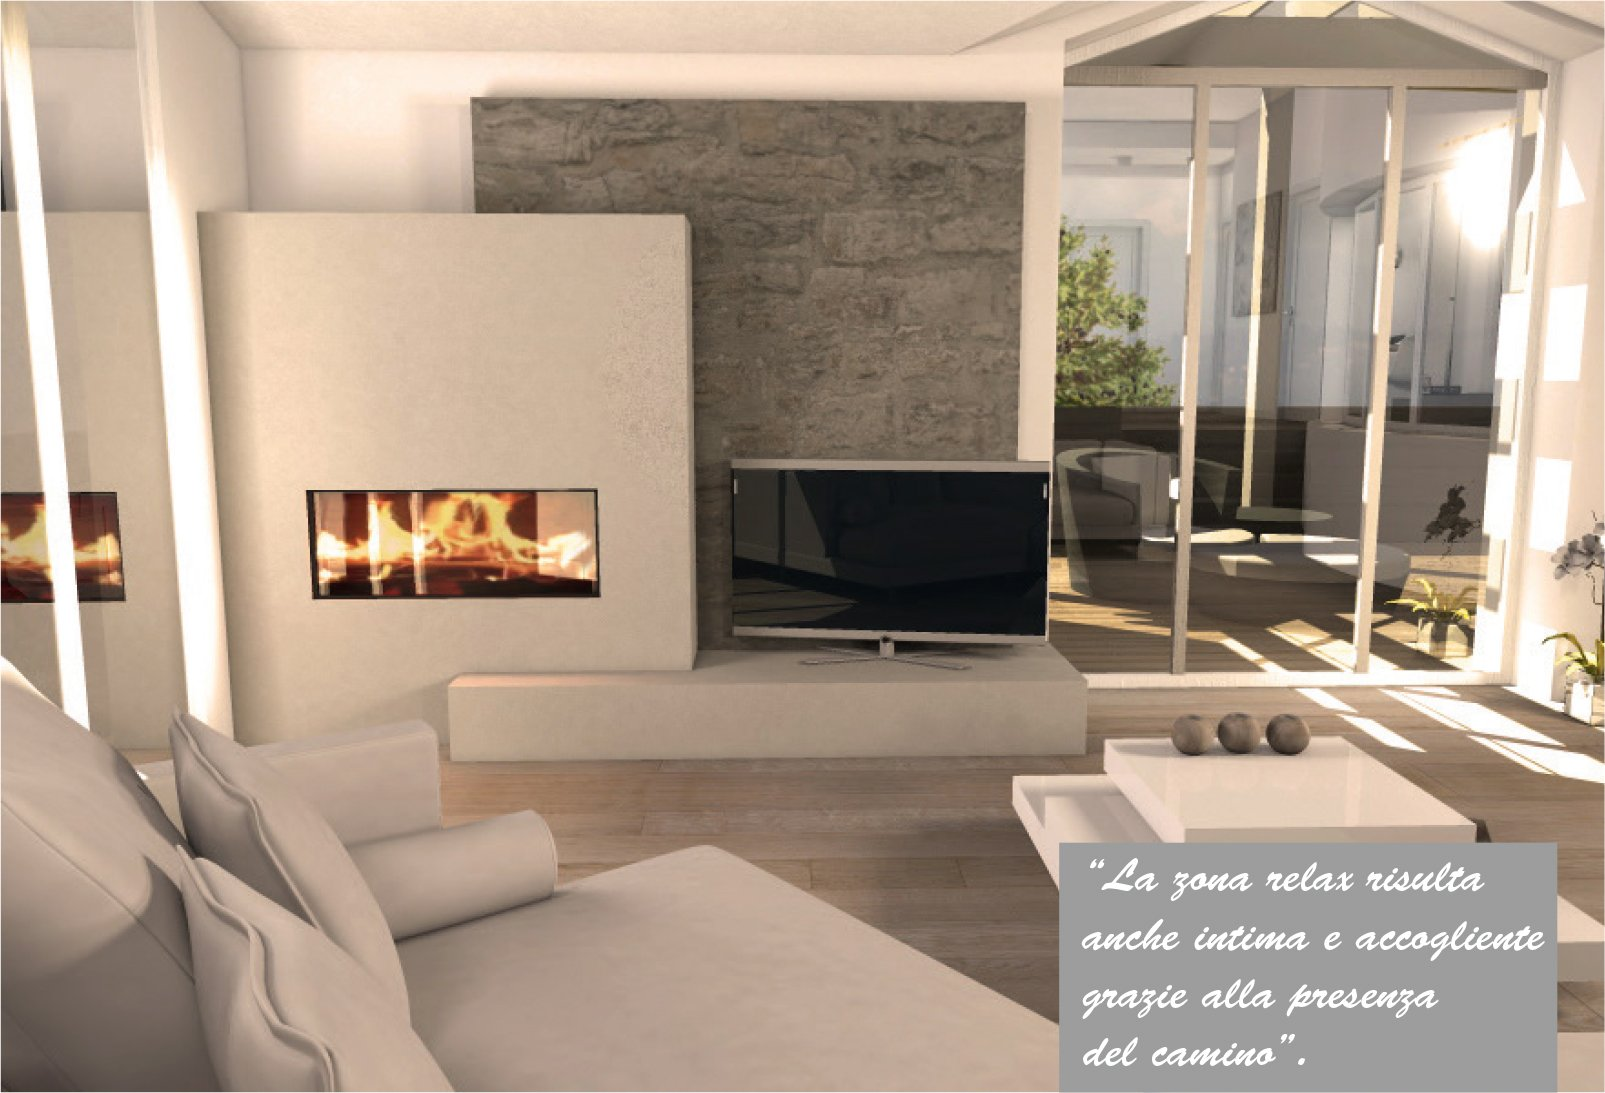 Clicca Sulle Immagini Per Vedere Full Screen Il Progetto In 3D Dell  #A1492A 1605 1093 Programma Per Progettare Cucine In 3d